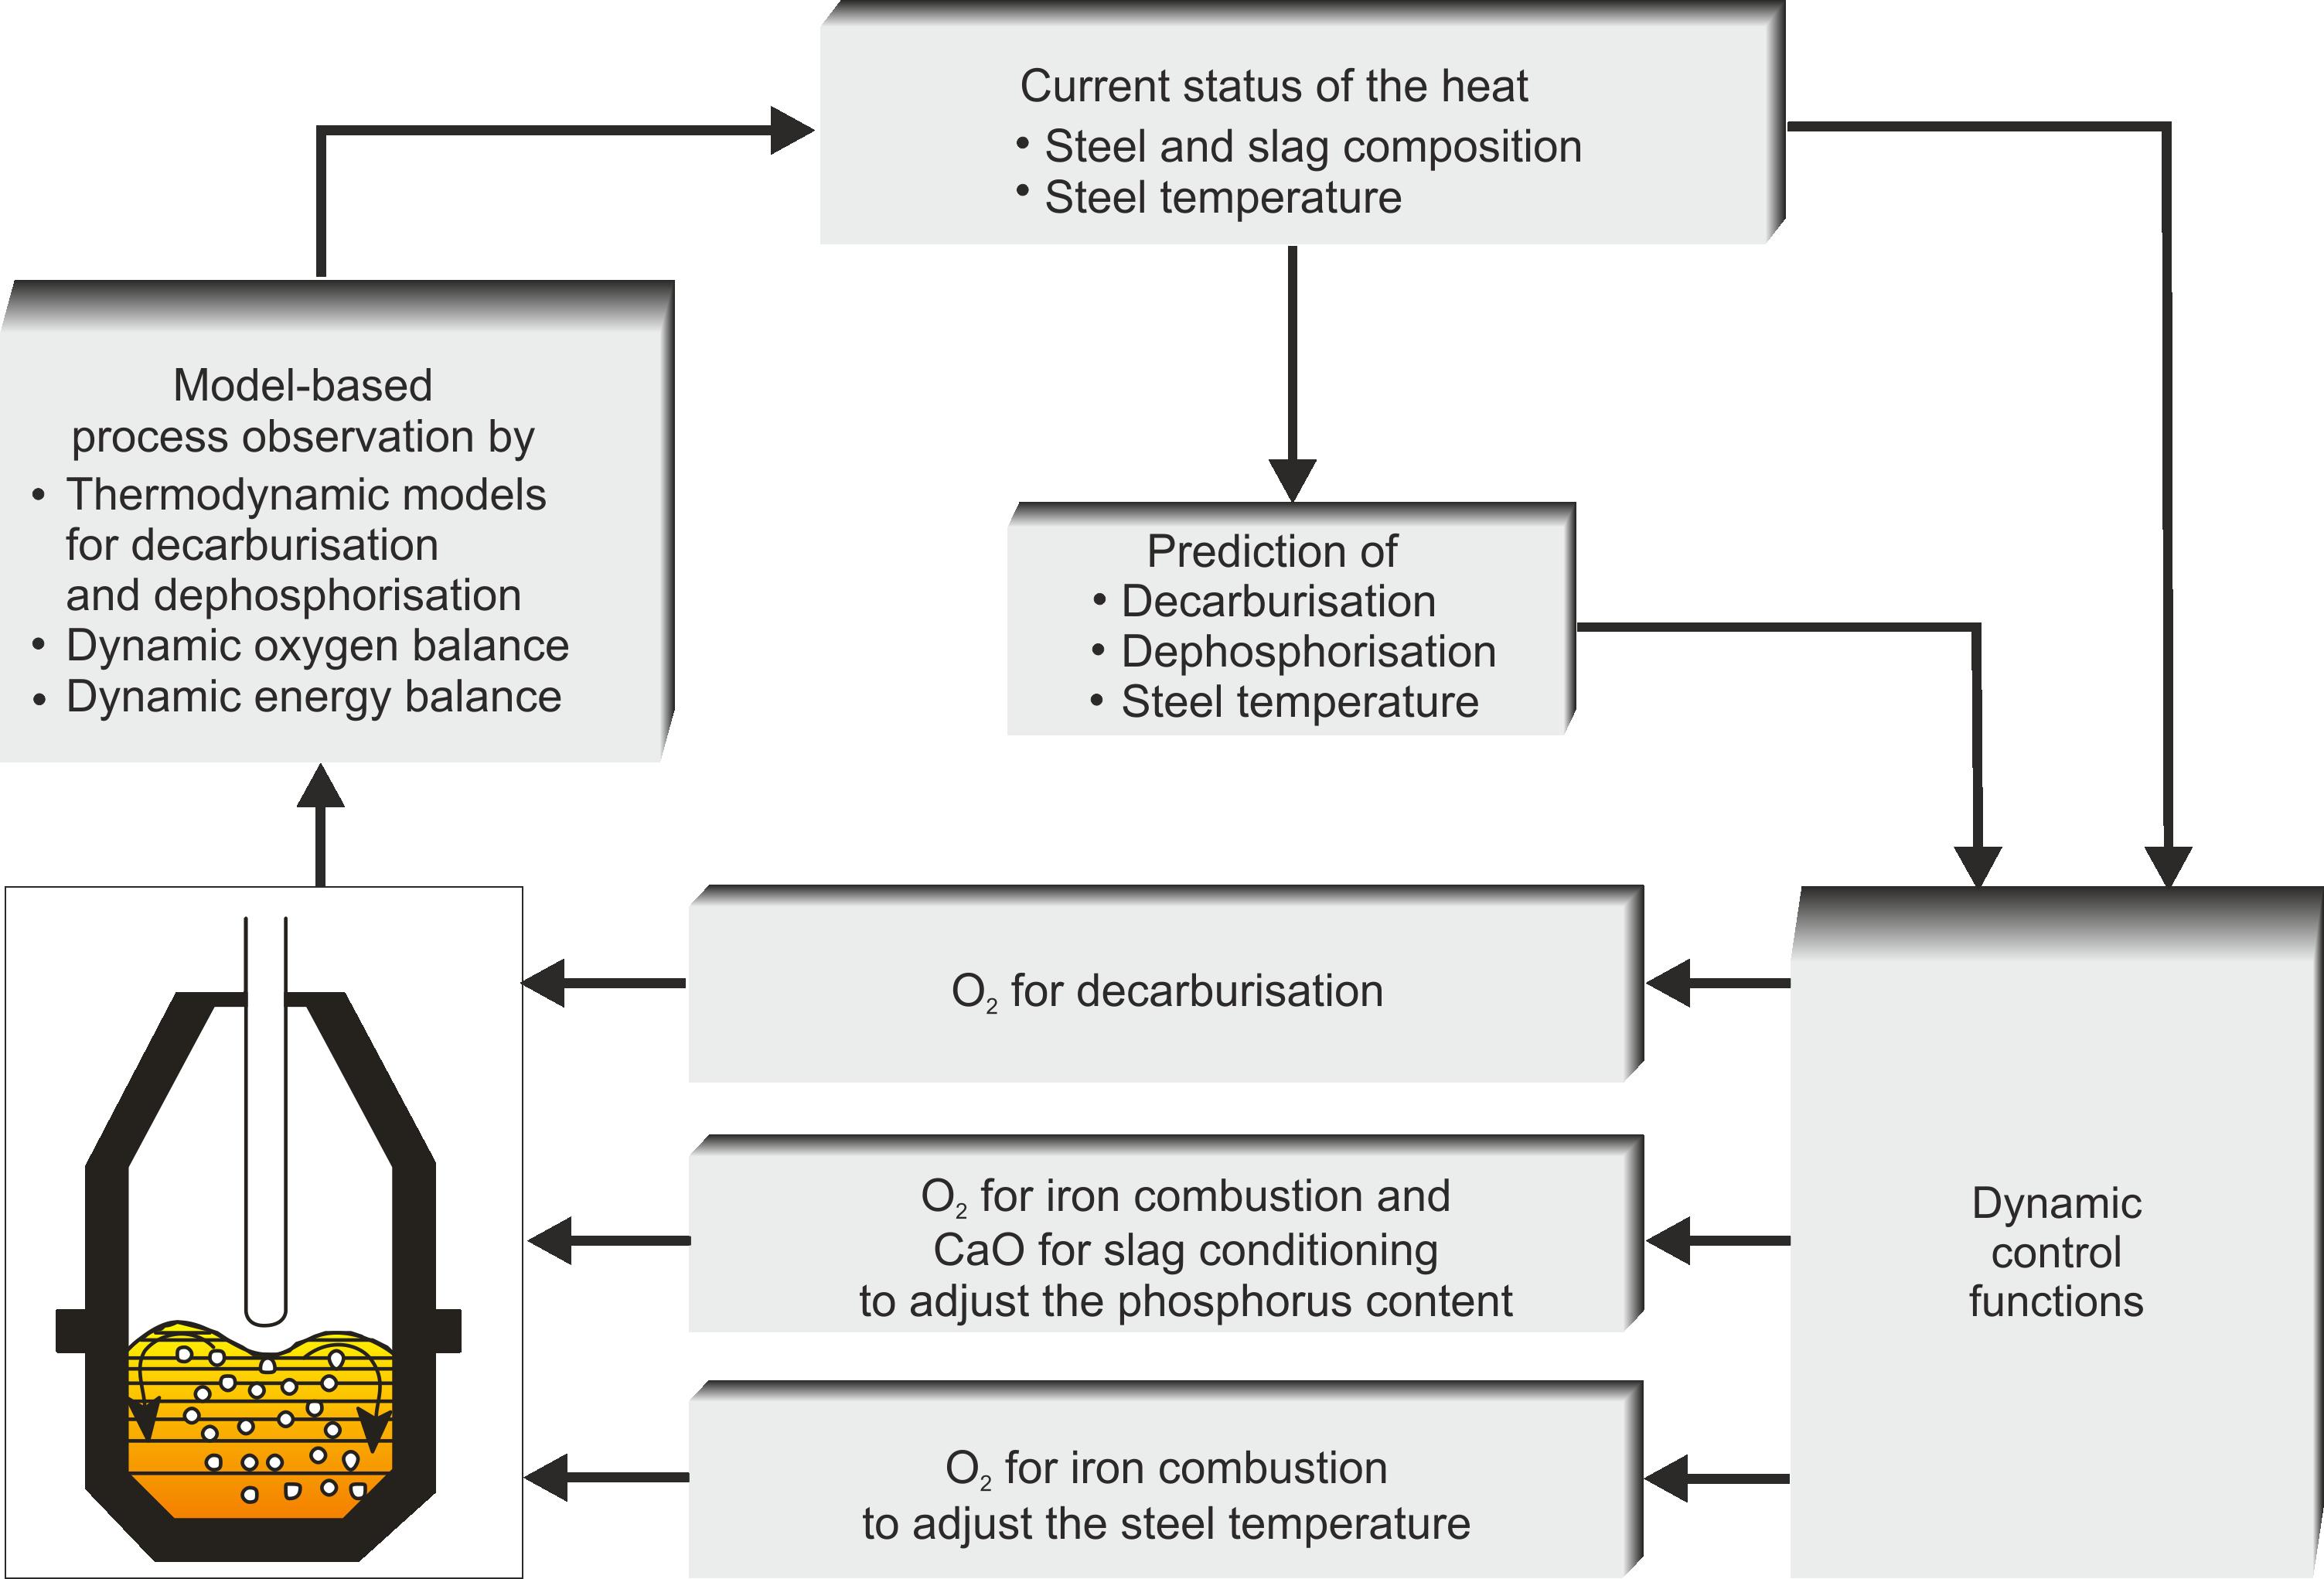 Model-based process management